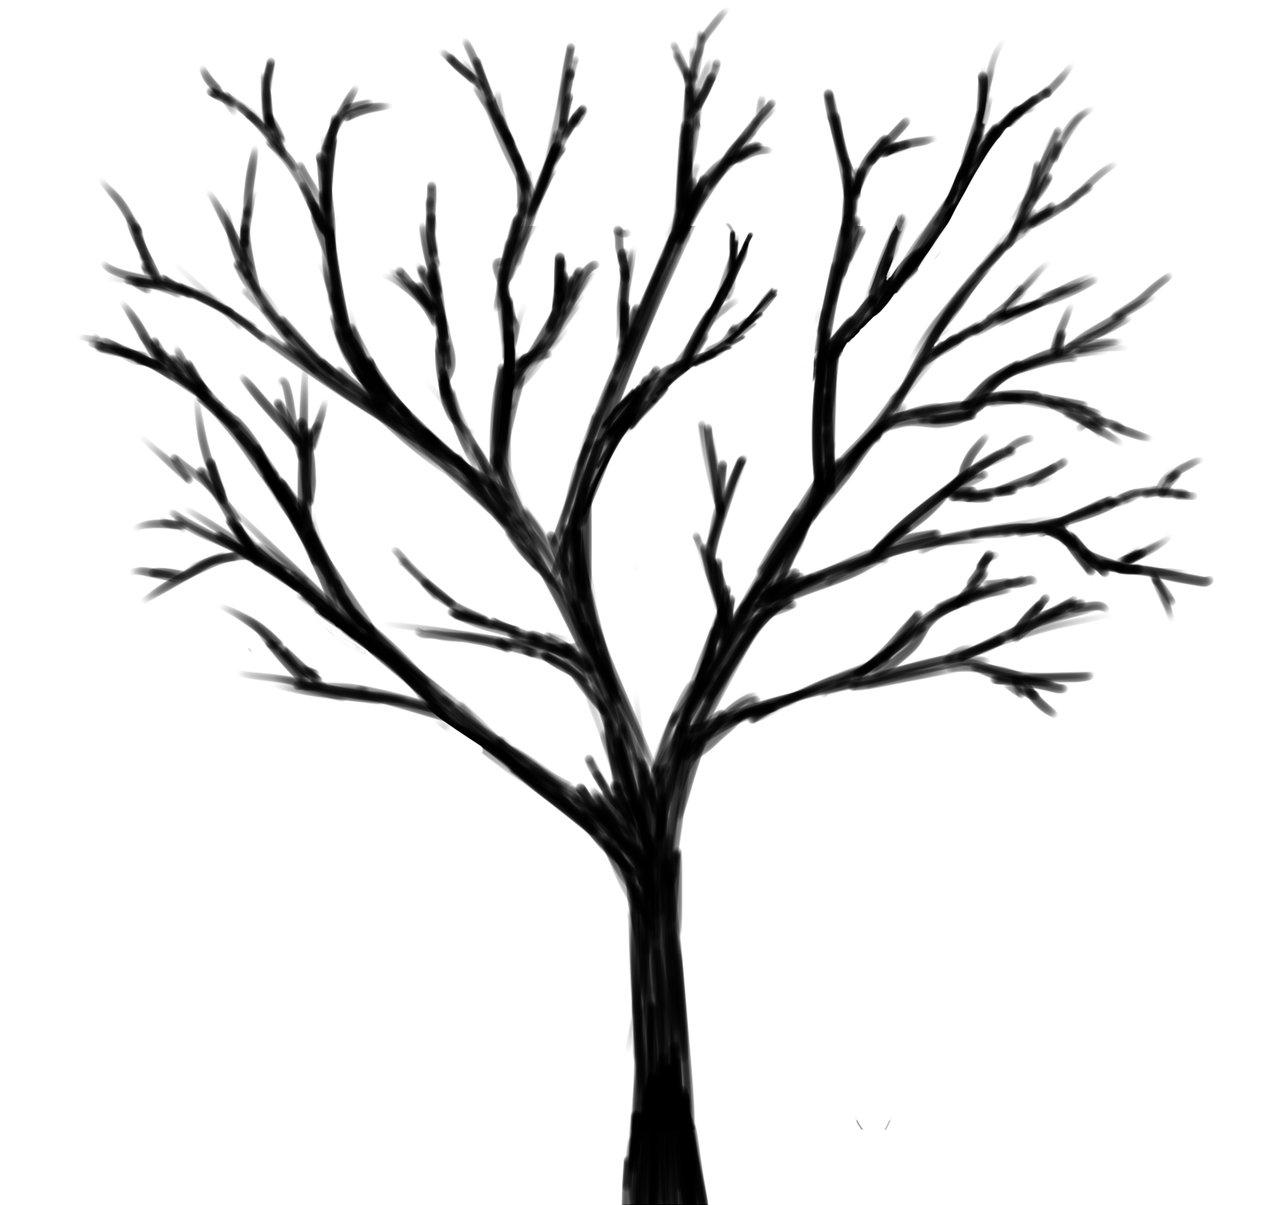 картинка дерева с ветками на белом фоне была, как мне